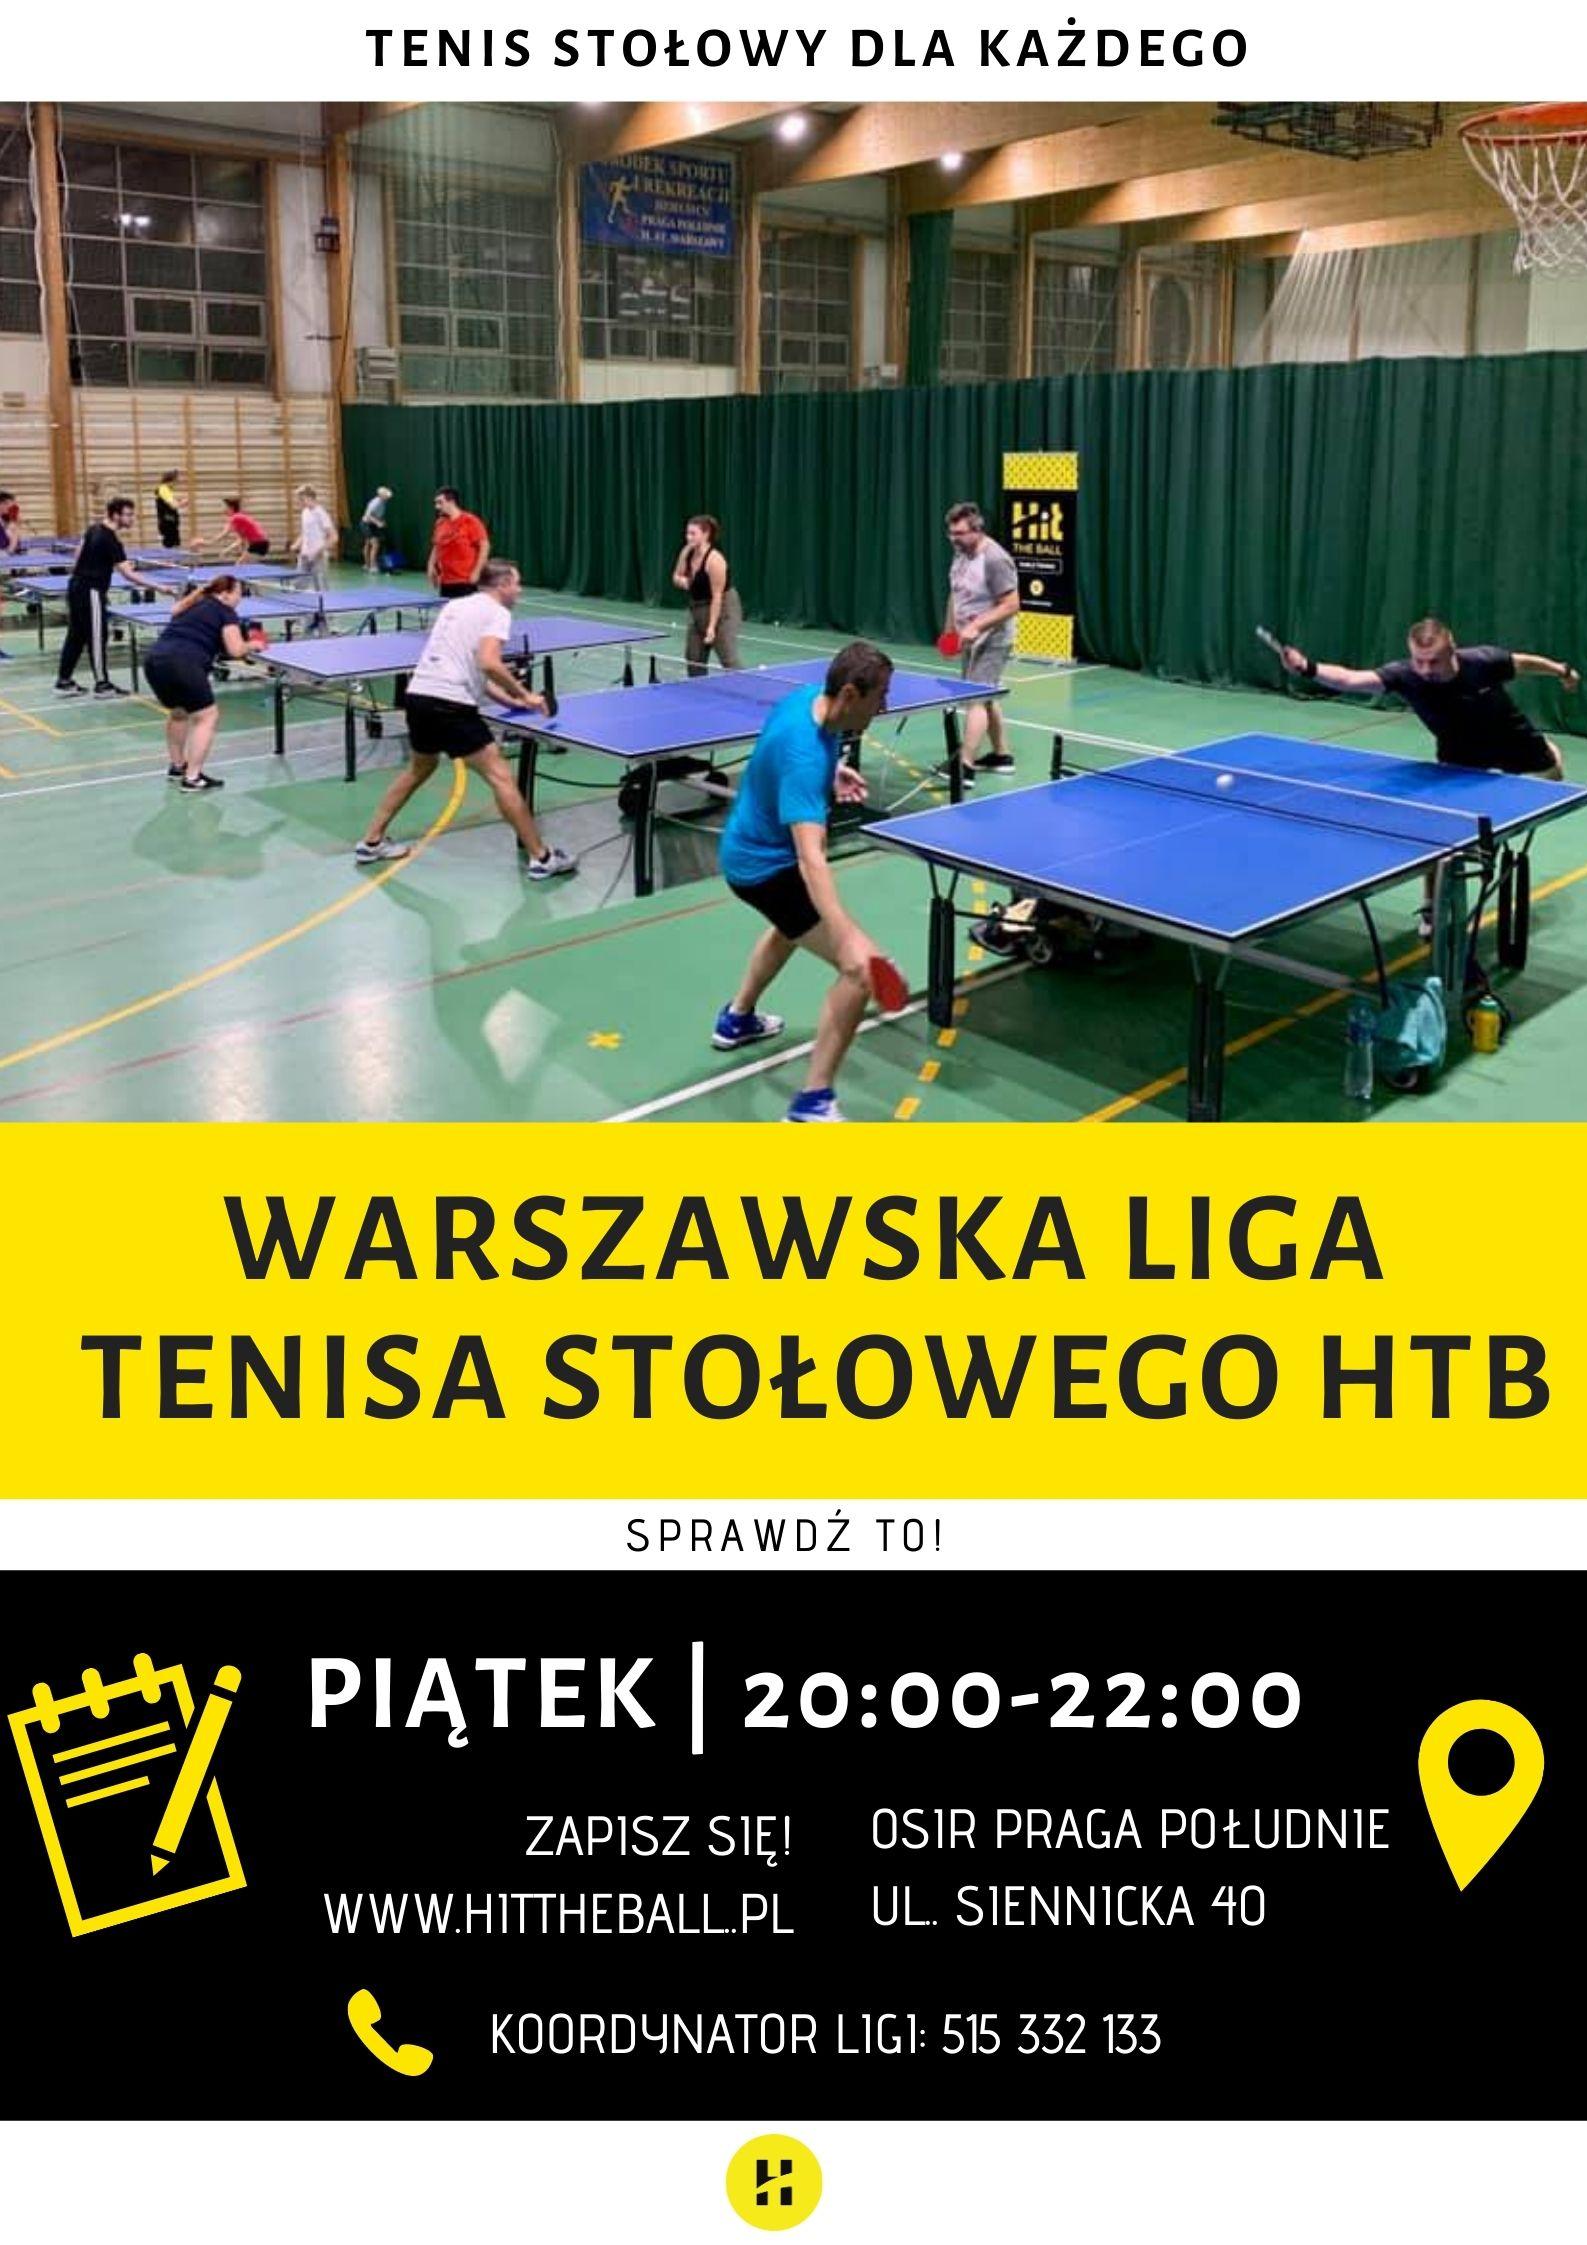 Plakat turnieju Warszawa Liga Tenisa Stołowego 2020